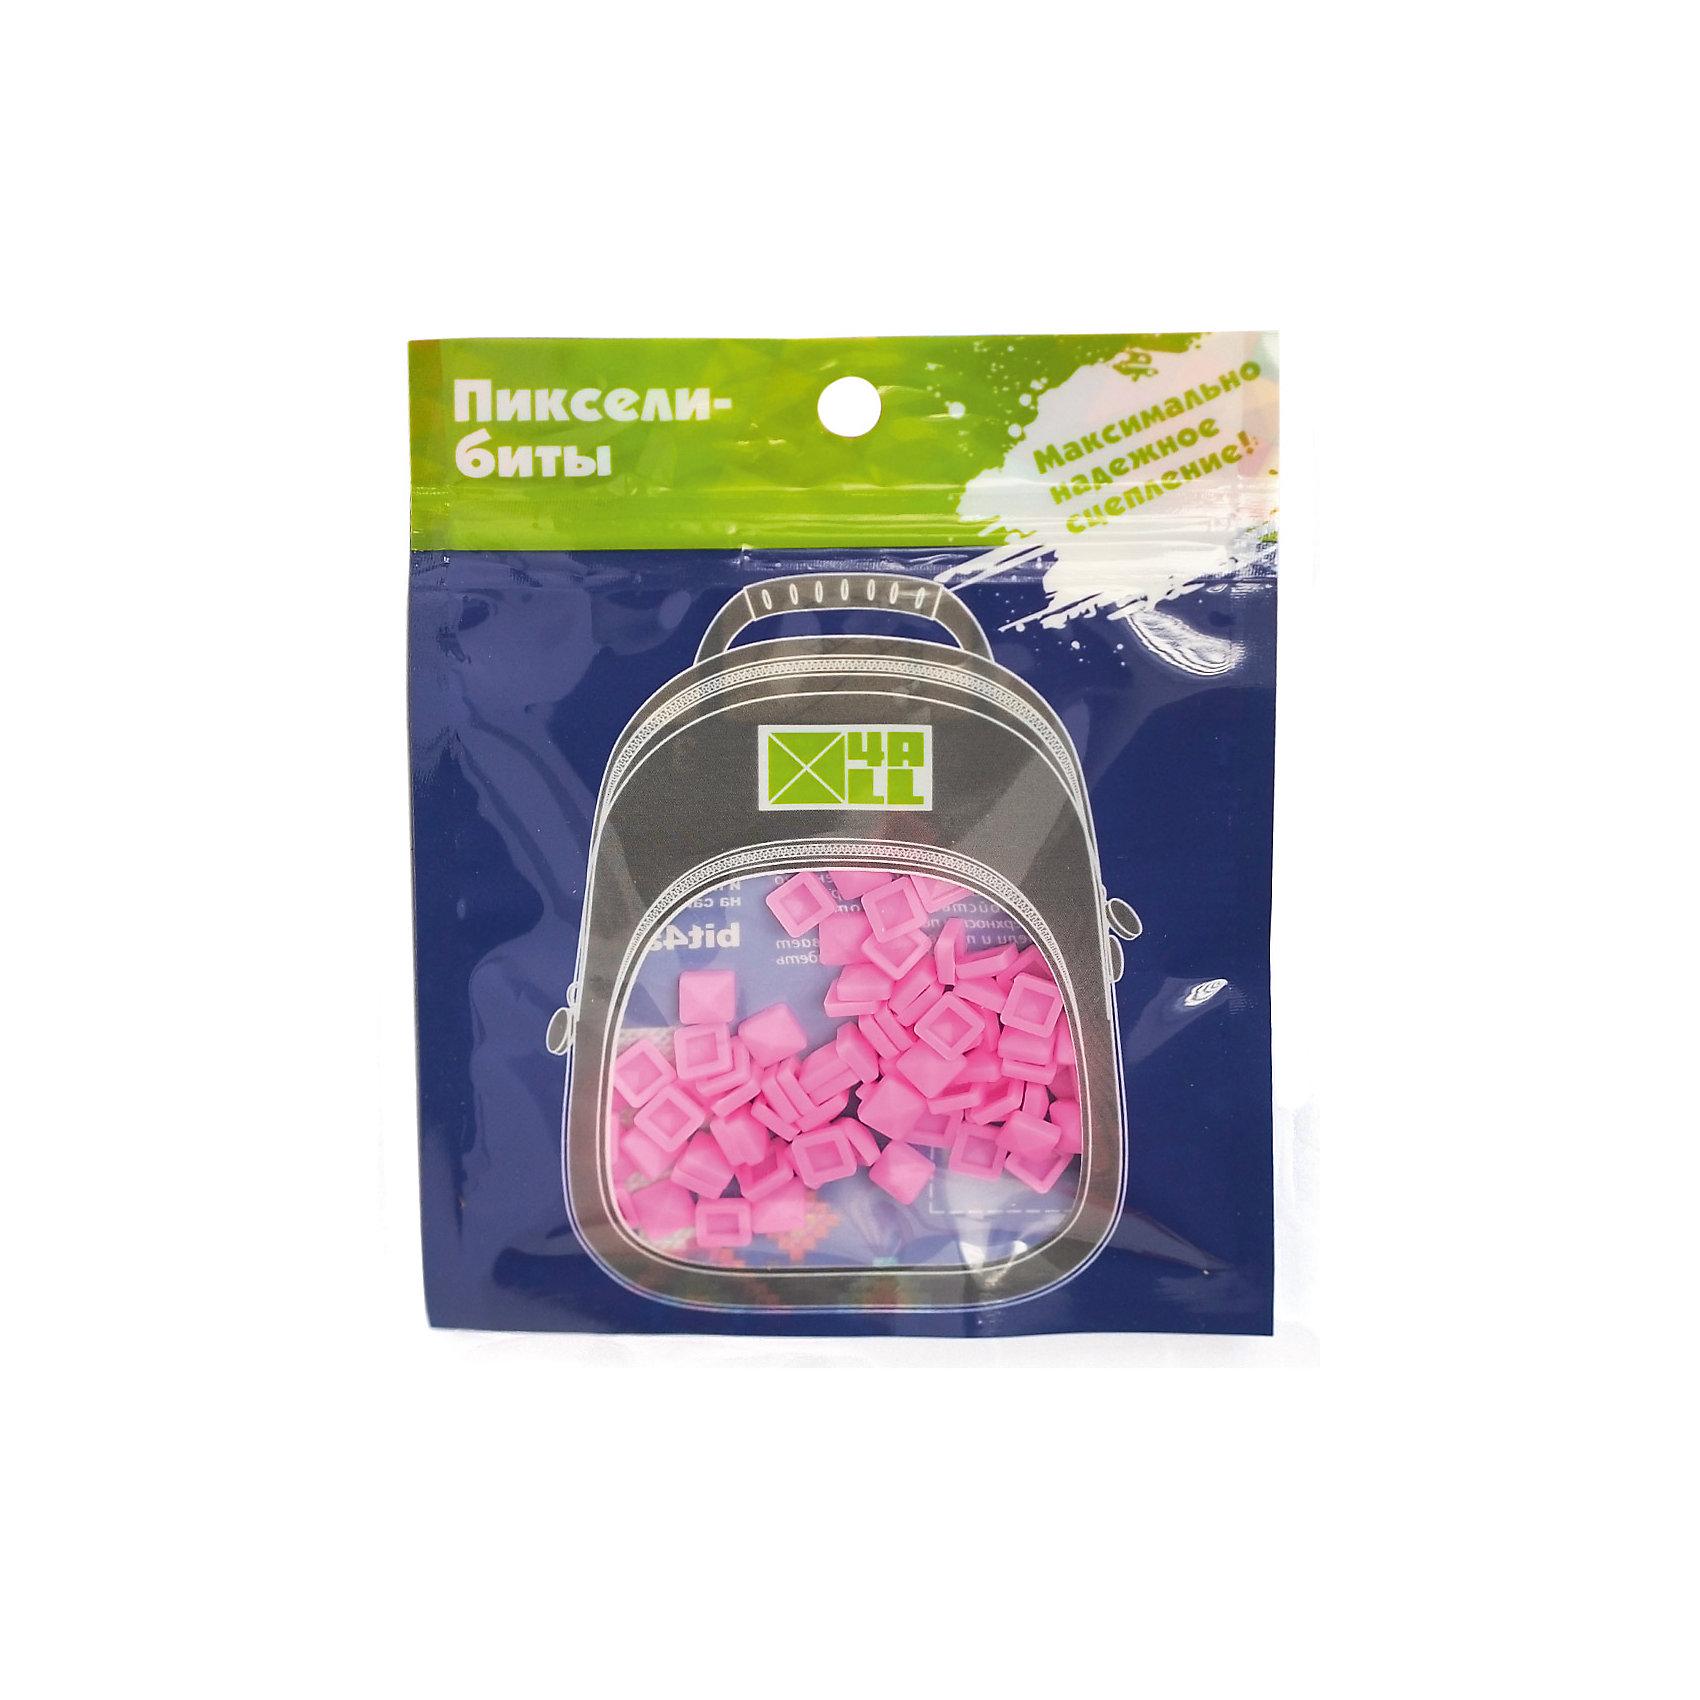 Набор для рюкзака 4ALL пиксель-Бит, светло-розовый, 80 штРюкзаки<br>Набор для творчества пиксель-Бит, светло-розовый, 80 шт.<br><br>Характеристики:<br><br>• Для детей от 3 лет<br>• Количество: 80 шт.<br>• Размер: 0,4х0,4 см.<br>• Цвет: светло-розовый<br>• Материал: высококачественный силикон<br>• Размер упаковки: 14х11 см.<br><br>Придумай и создай дизайн своего рюкзака Kids самостоятельно с наборами для творчества пиксель-Бит. Биты для пикселей легко и прочно крепятся на переднюю панель рюкзака благодаря уникальной конструкции замка. Битами можно выкладывать любые картинки или слова. Набор подходит для декорирования рюкзаков серии 4all Kids. Изготовлен из высококачественного гипоаллергенного силикона. Развивает мелкую моторику рук, творческий потенциал и воображение.<br><br>Набор для творчества пиксель-Бит, светло-розовые, 80 шт можно купить в нашем интернет-магазине.<br><br>Ширина мм: 140<br>Глубина мм: 110<br>Высота мм: 50<br>Вес г: 25<br>Возраст от месяцев: 36<br>Возраст до месяцев: 2147483647<br>Пол: Унисекс<br>Возраст: Детский<br>SKU: 5490476